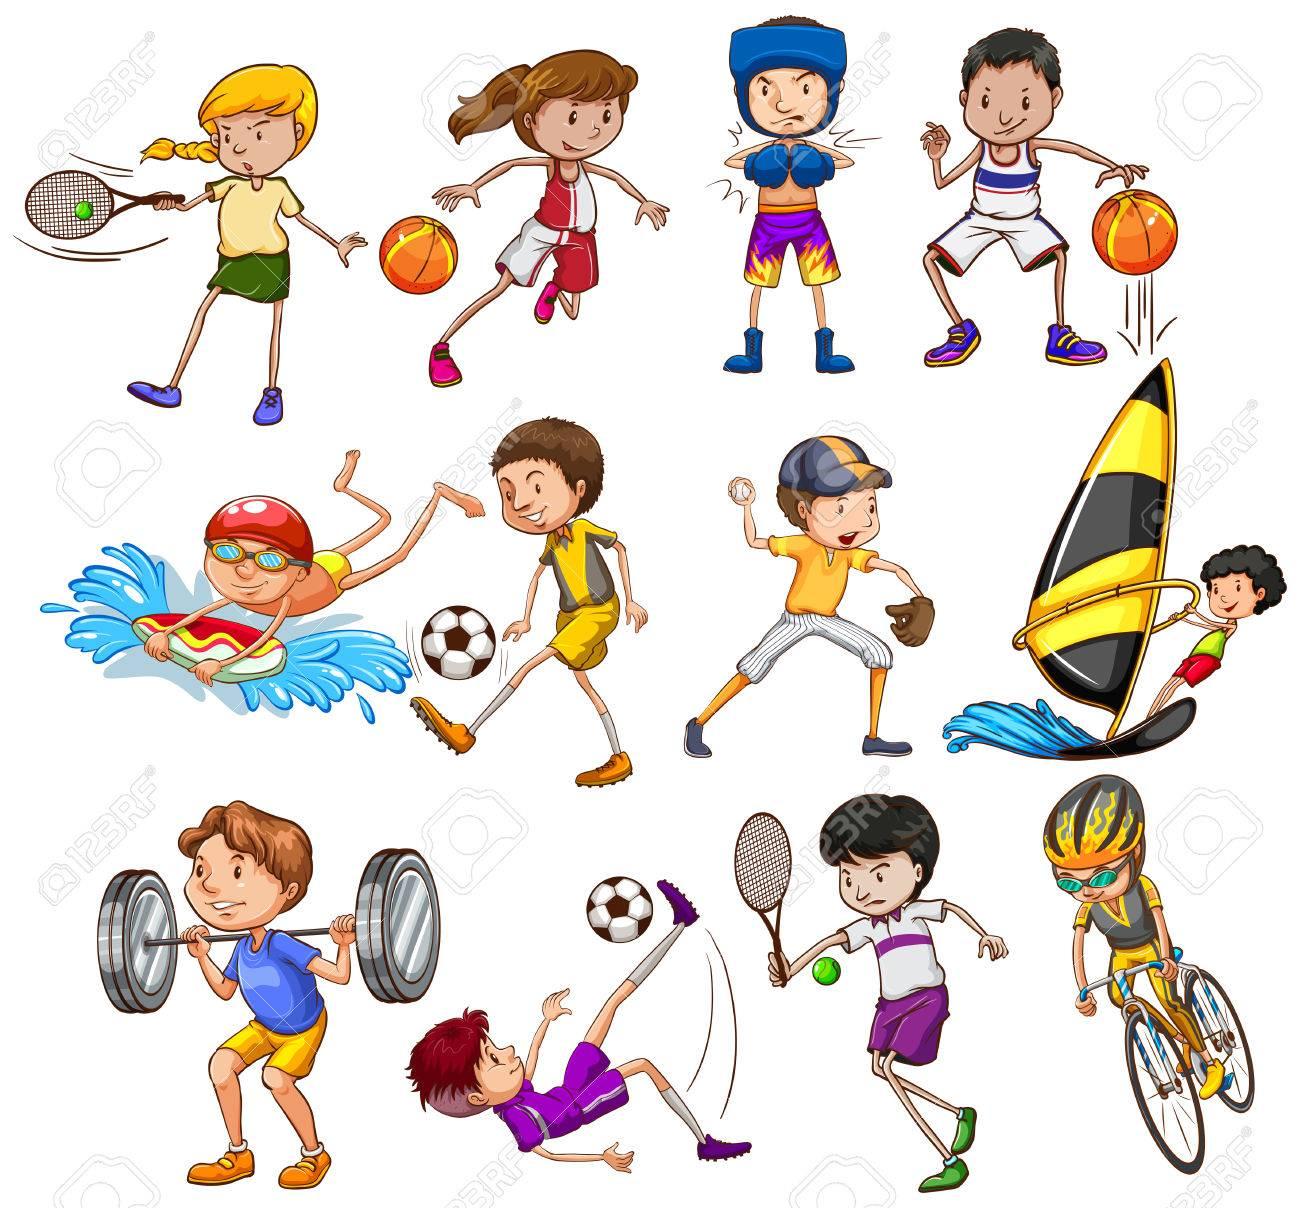 さまざまな種類のスポーツを遊んでいる子供たちのセット ロイヤリティ